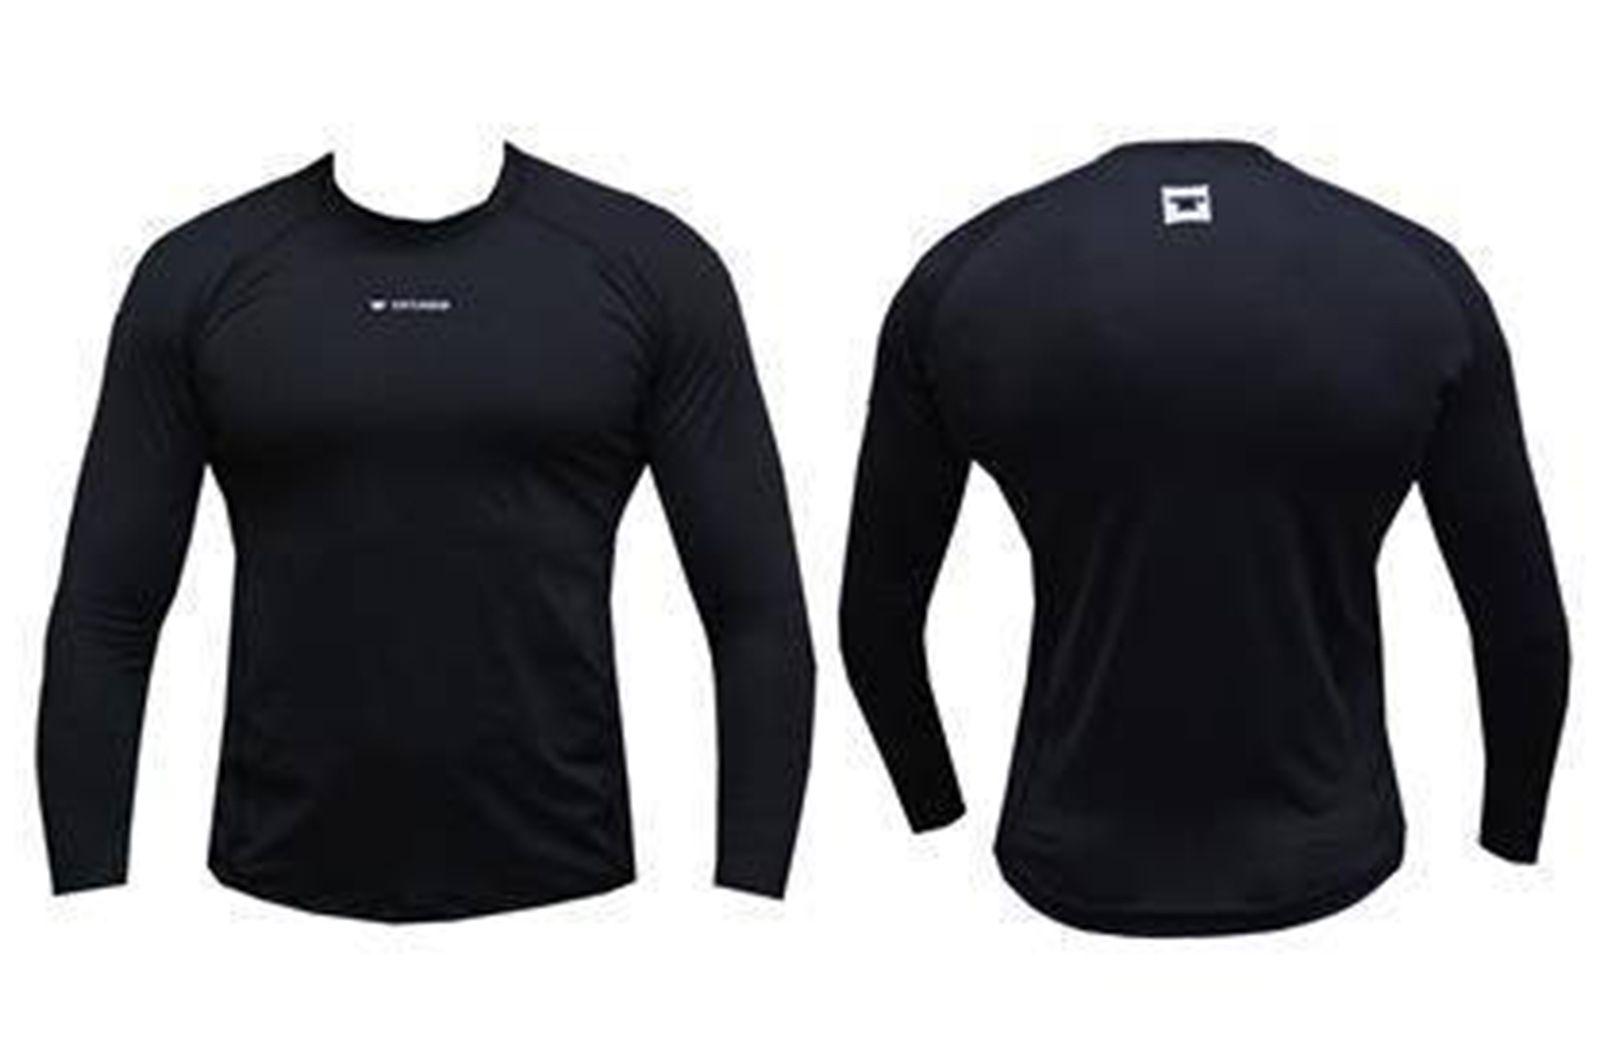 Camisa Segunda Pele Manga Longa com Proteção UV - Ciclopp